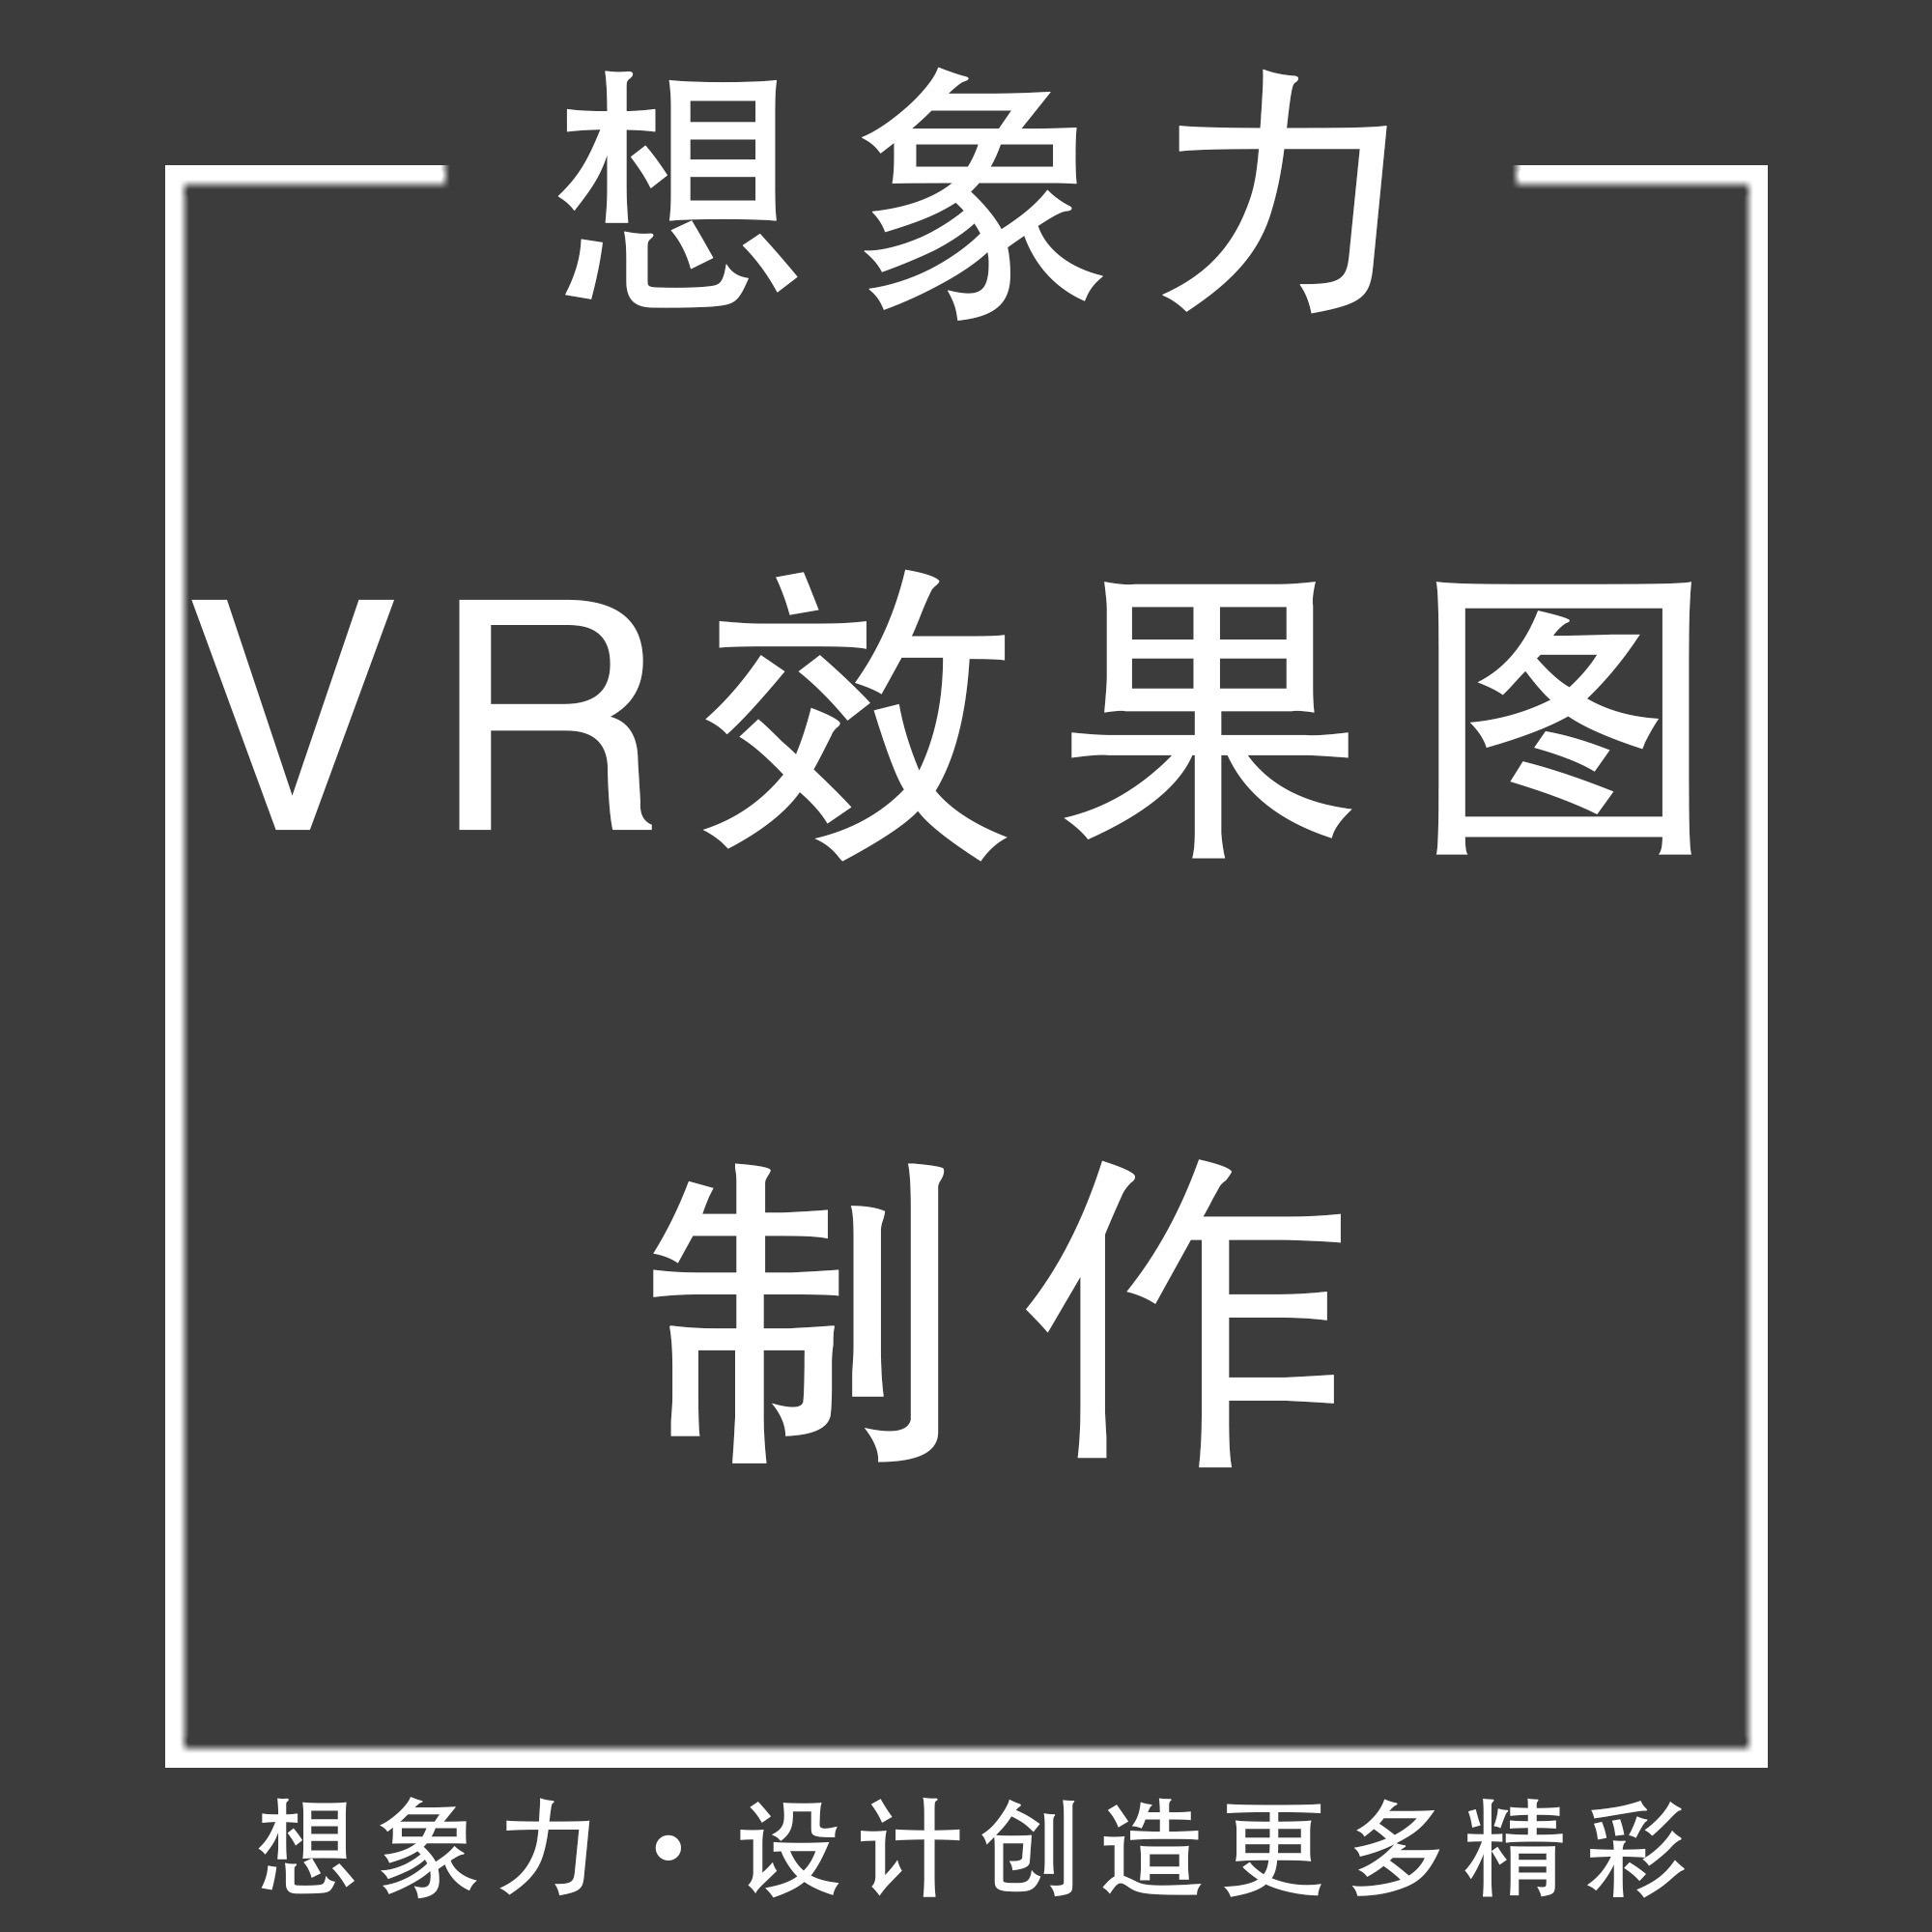 家装设计/家装全景VR720效果图制作/1个场景